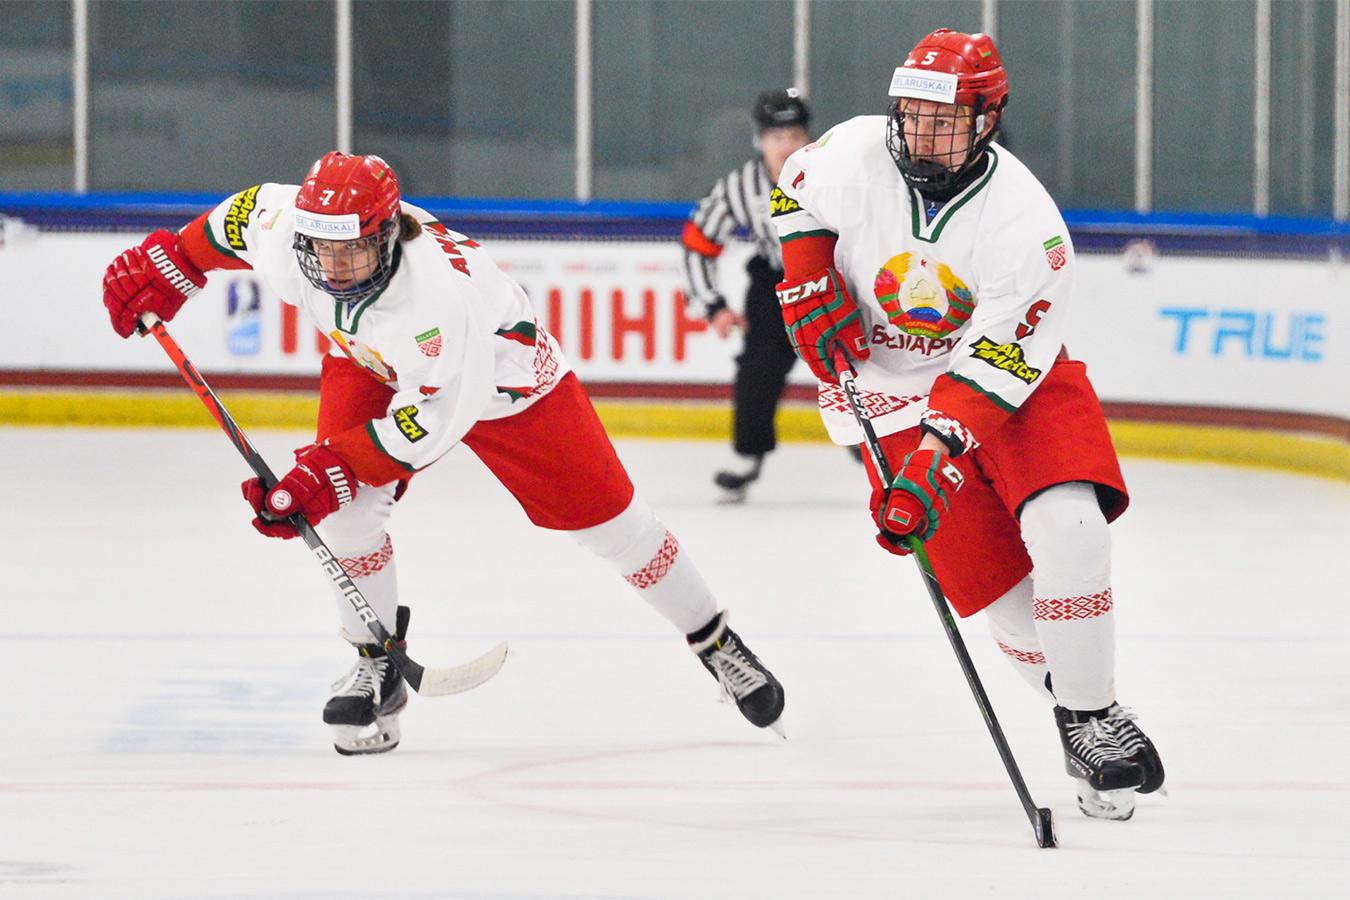 18-летний защитник Беларуси сотворил шедевр на ЮЧМ! Это его третий лакросс-гол за сезон!